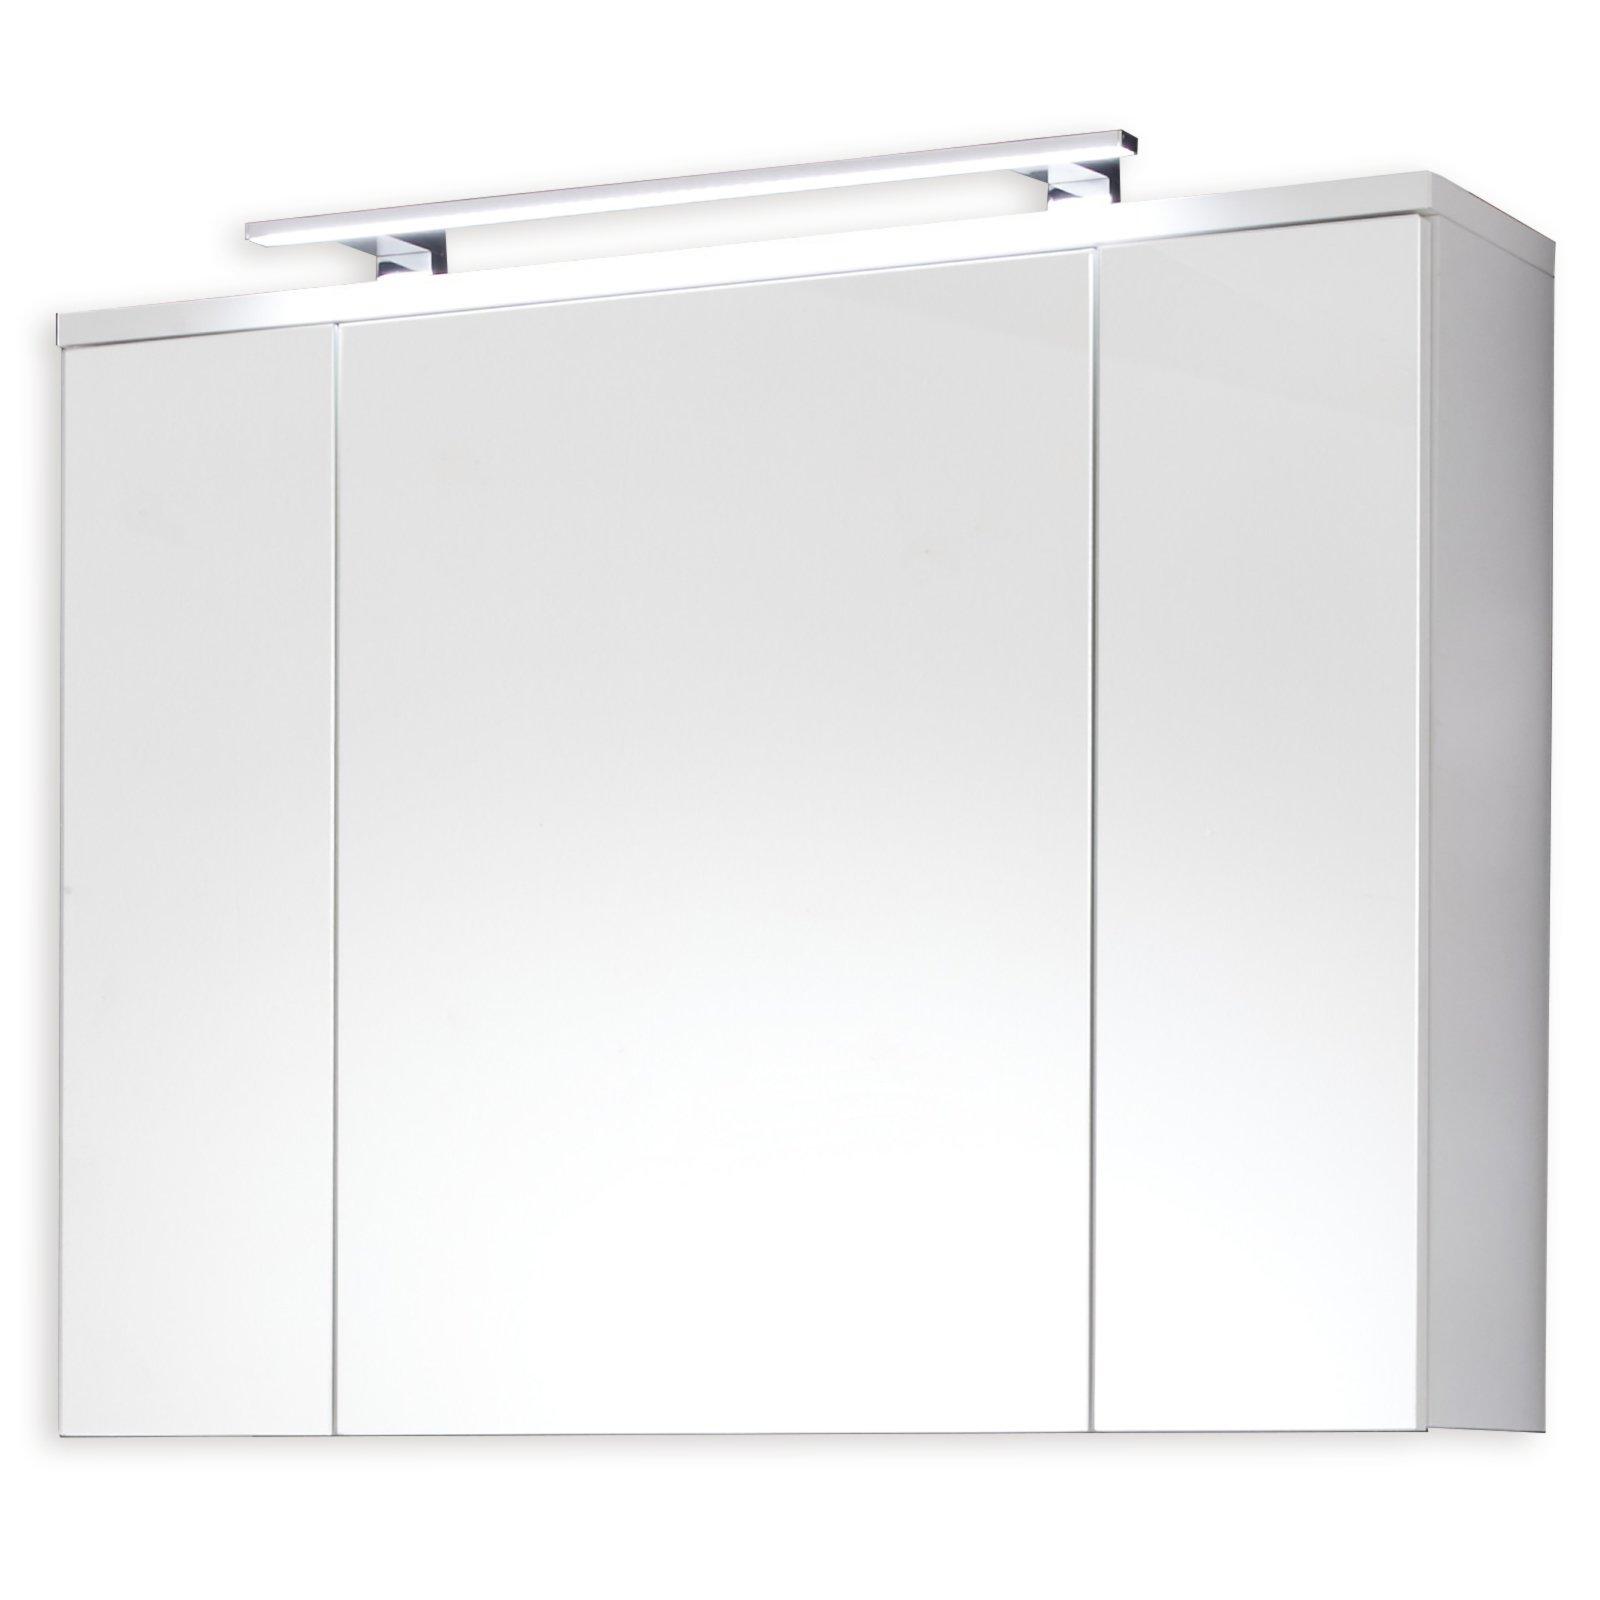 spiegelschrank adamo wei mit beleuchtung spiegelschr nke badm bel badezimmer. Black Bedroom Furniture Sets. Home Design Ideas